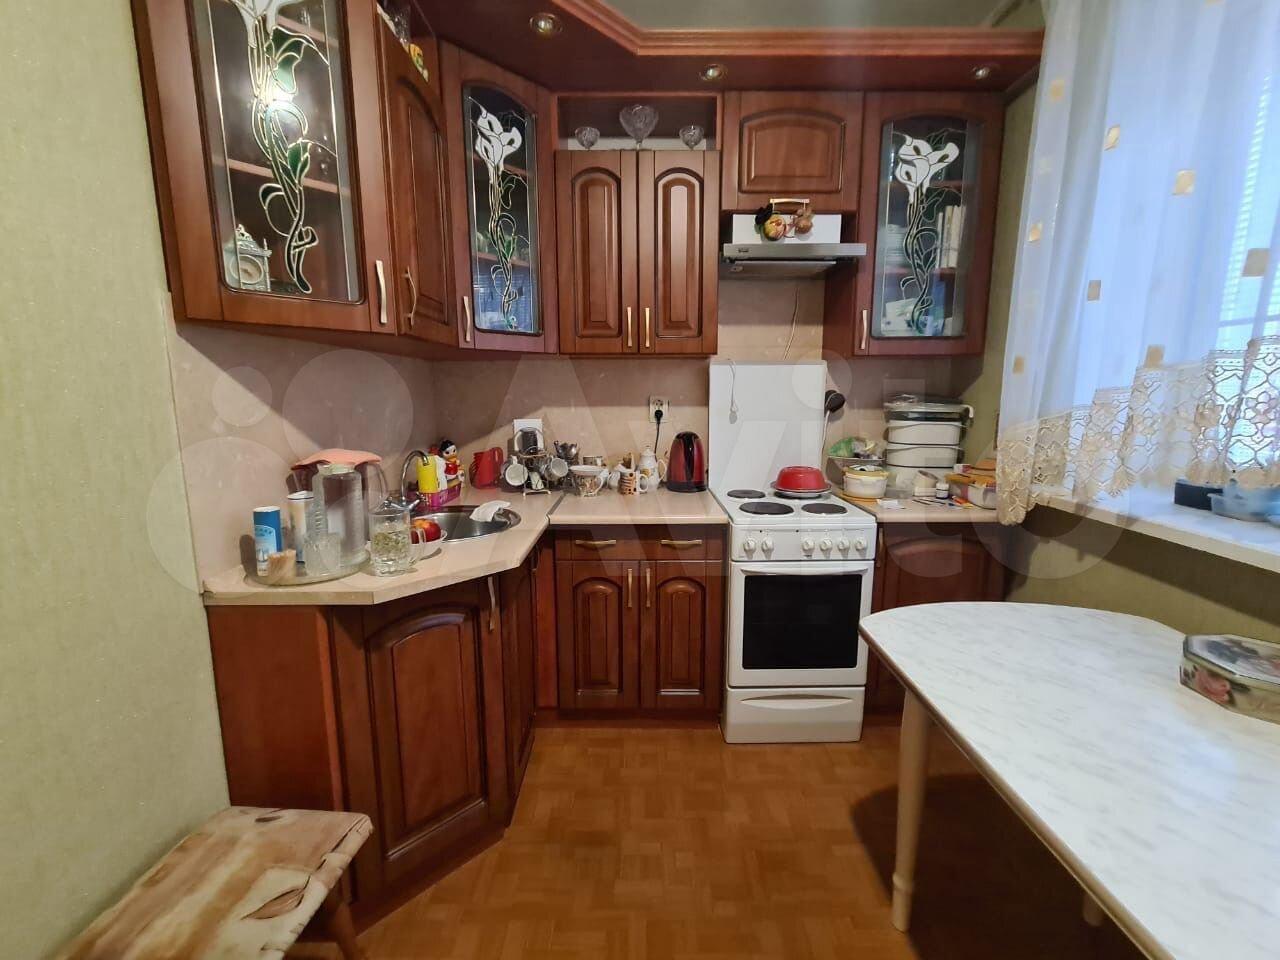 2-к квартира, 54 м², 1/5 эт. 89176382509 купить 1